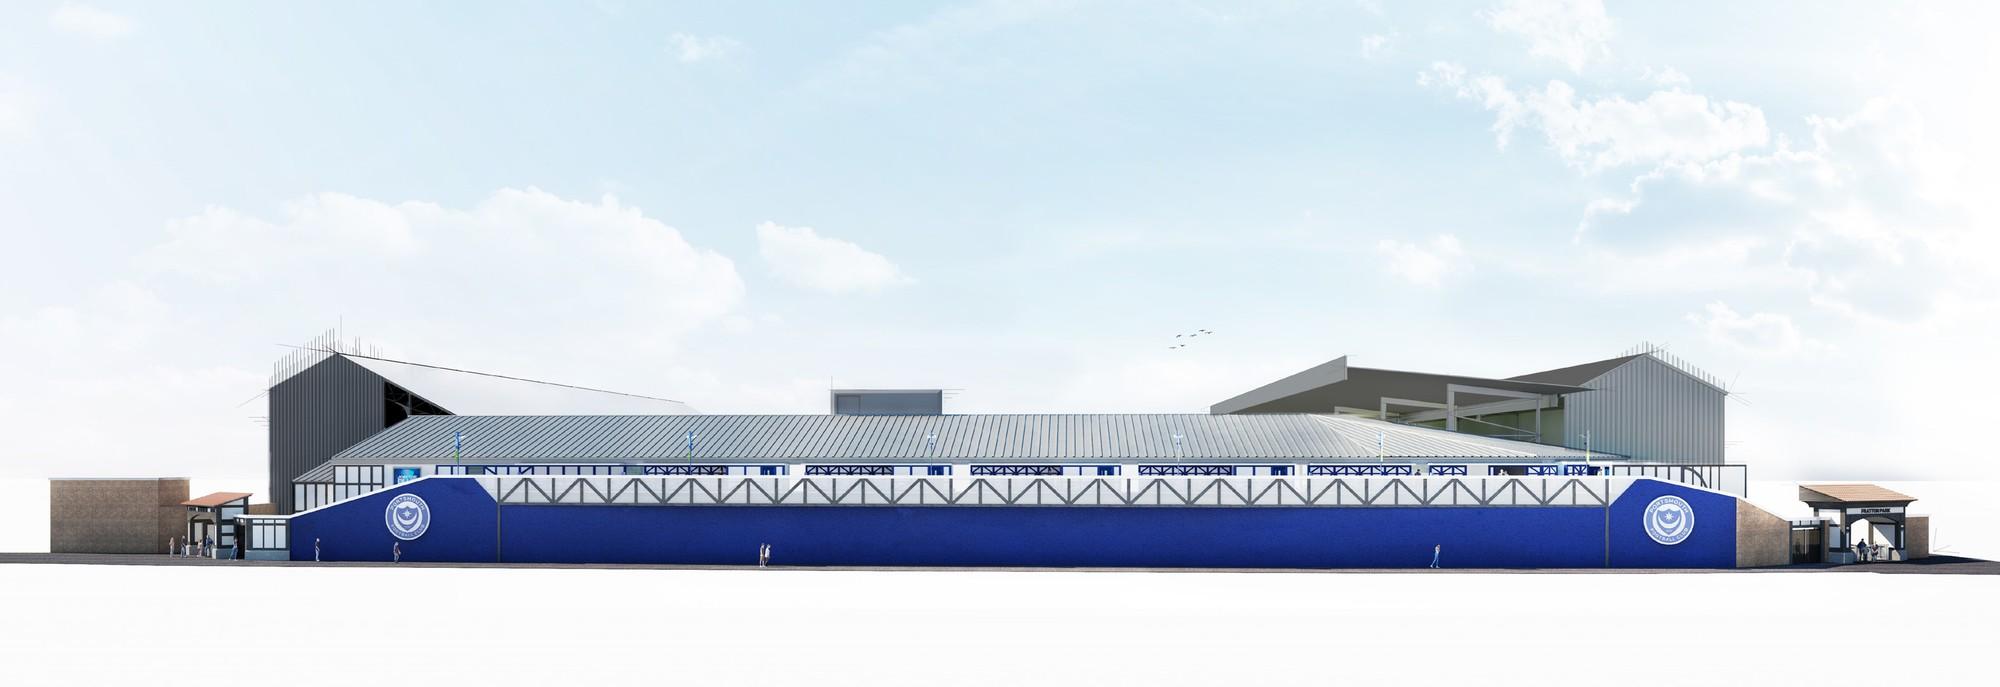 Fratton Park expansion plans